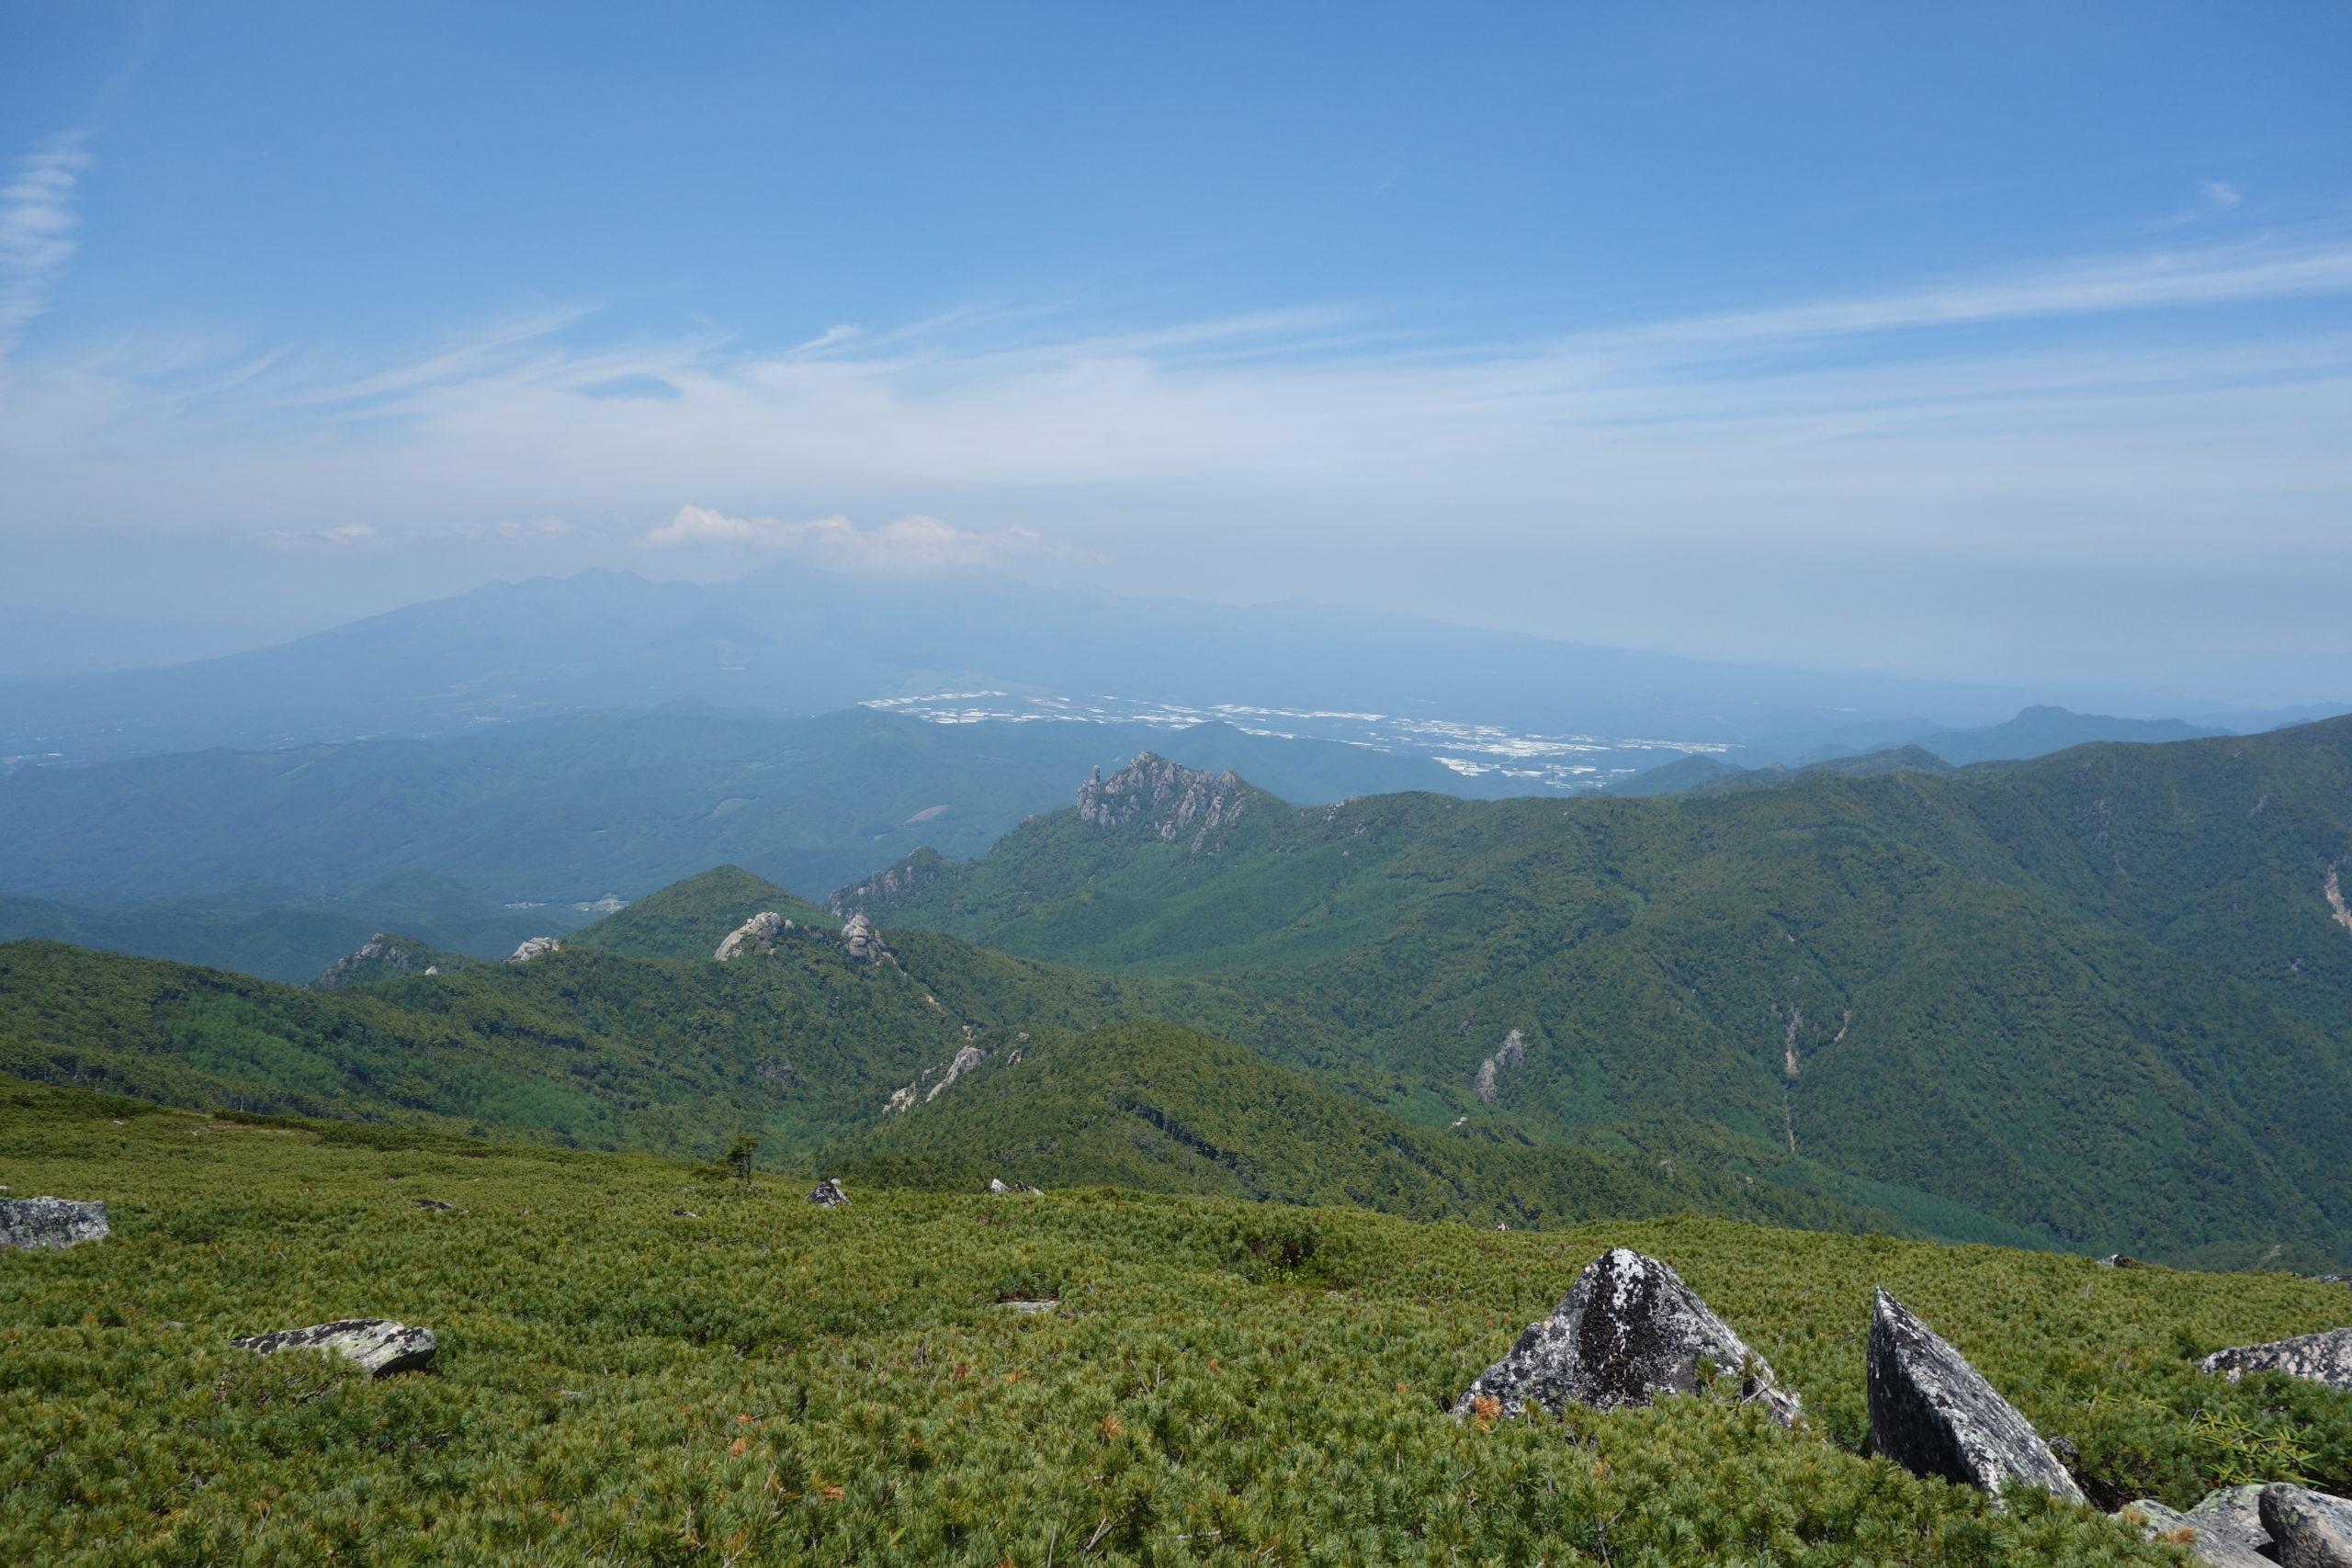 金峰山 富士見平〜金峰山山頂